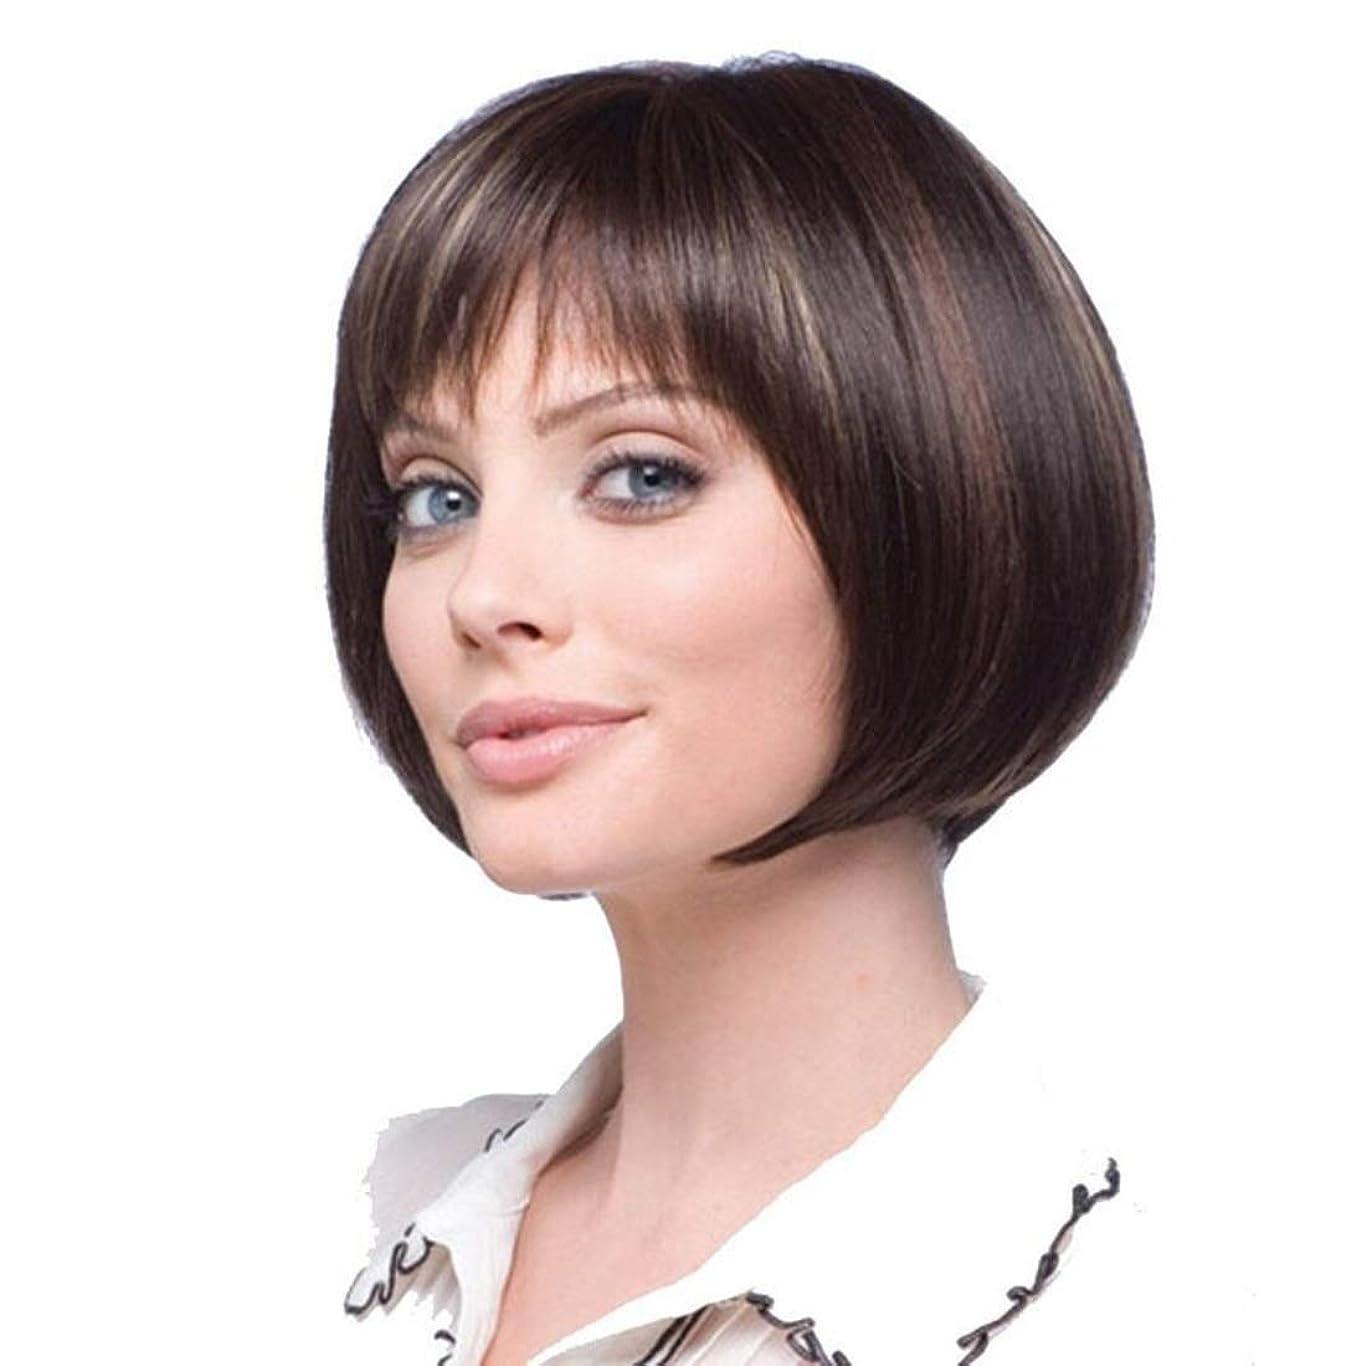 心配オリエントグリーンランドSummerys ショートボブの髪ウィッグストレート前髪付き合成カラフルなコスプレデイリーパーティーウィッグ本物の髪として自然な女性のための